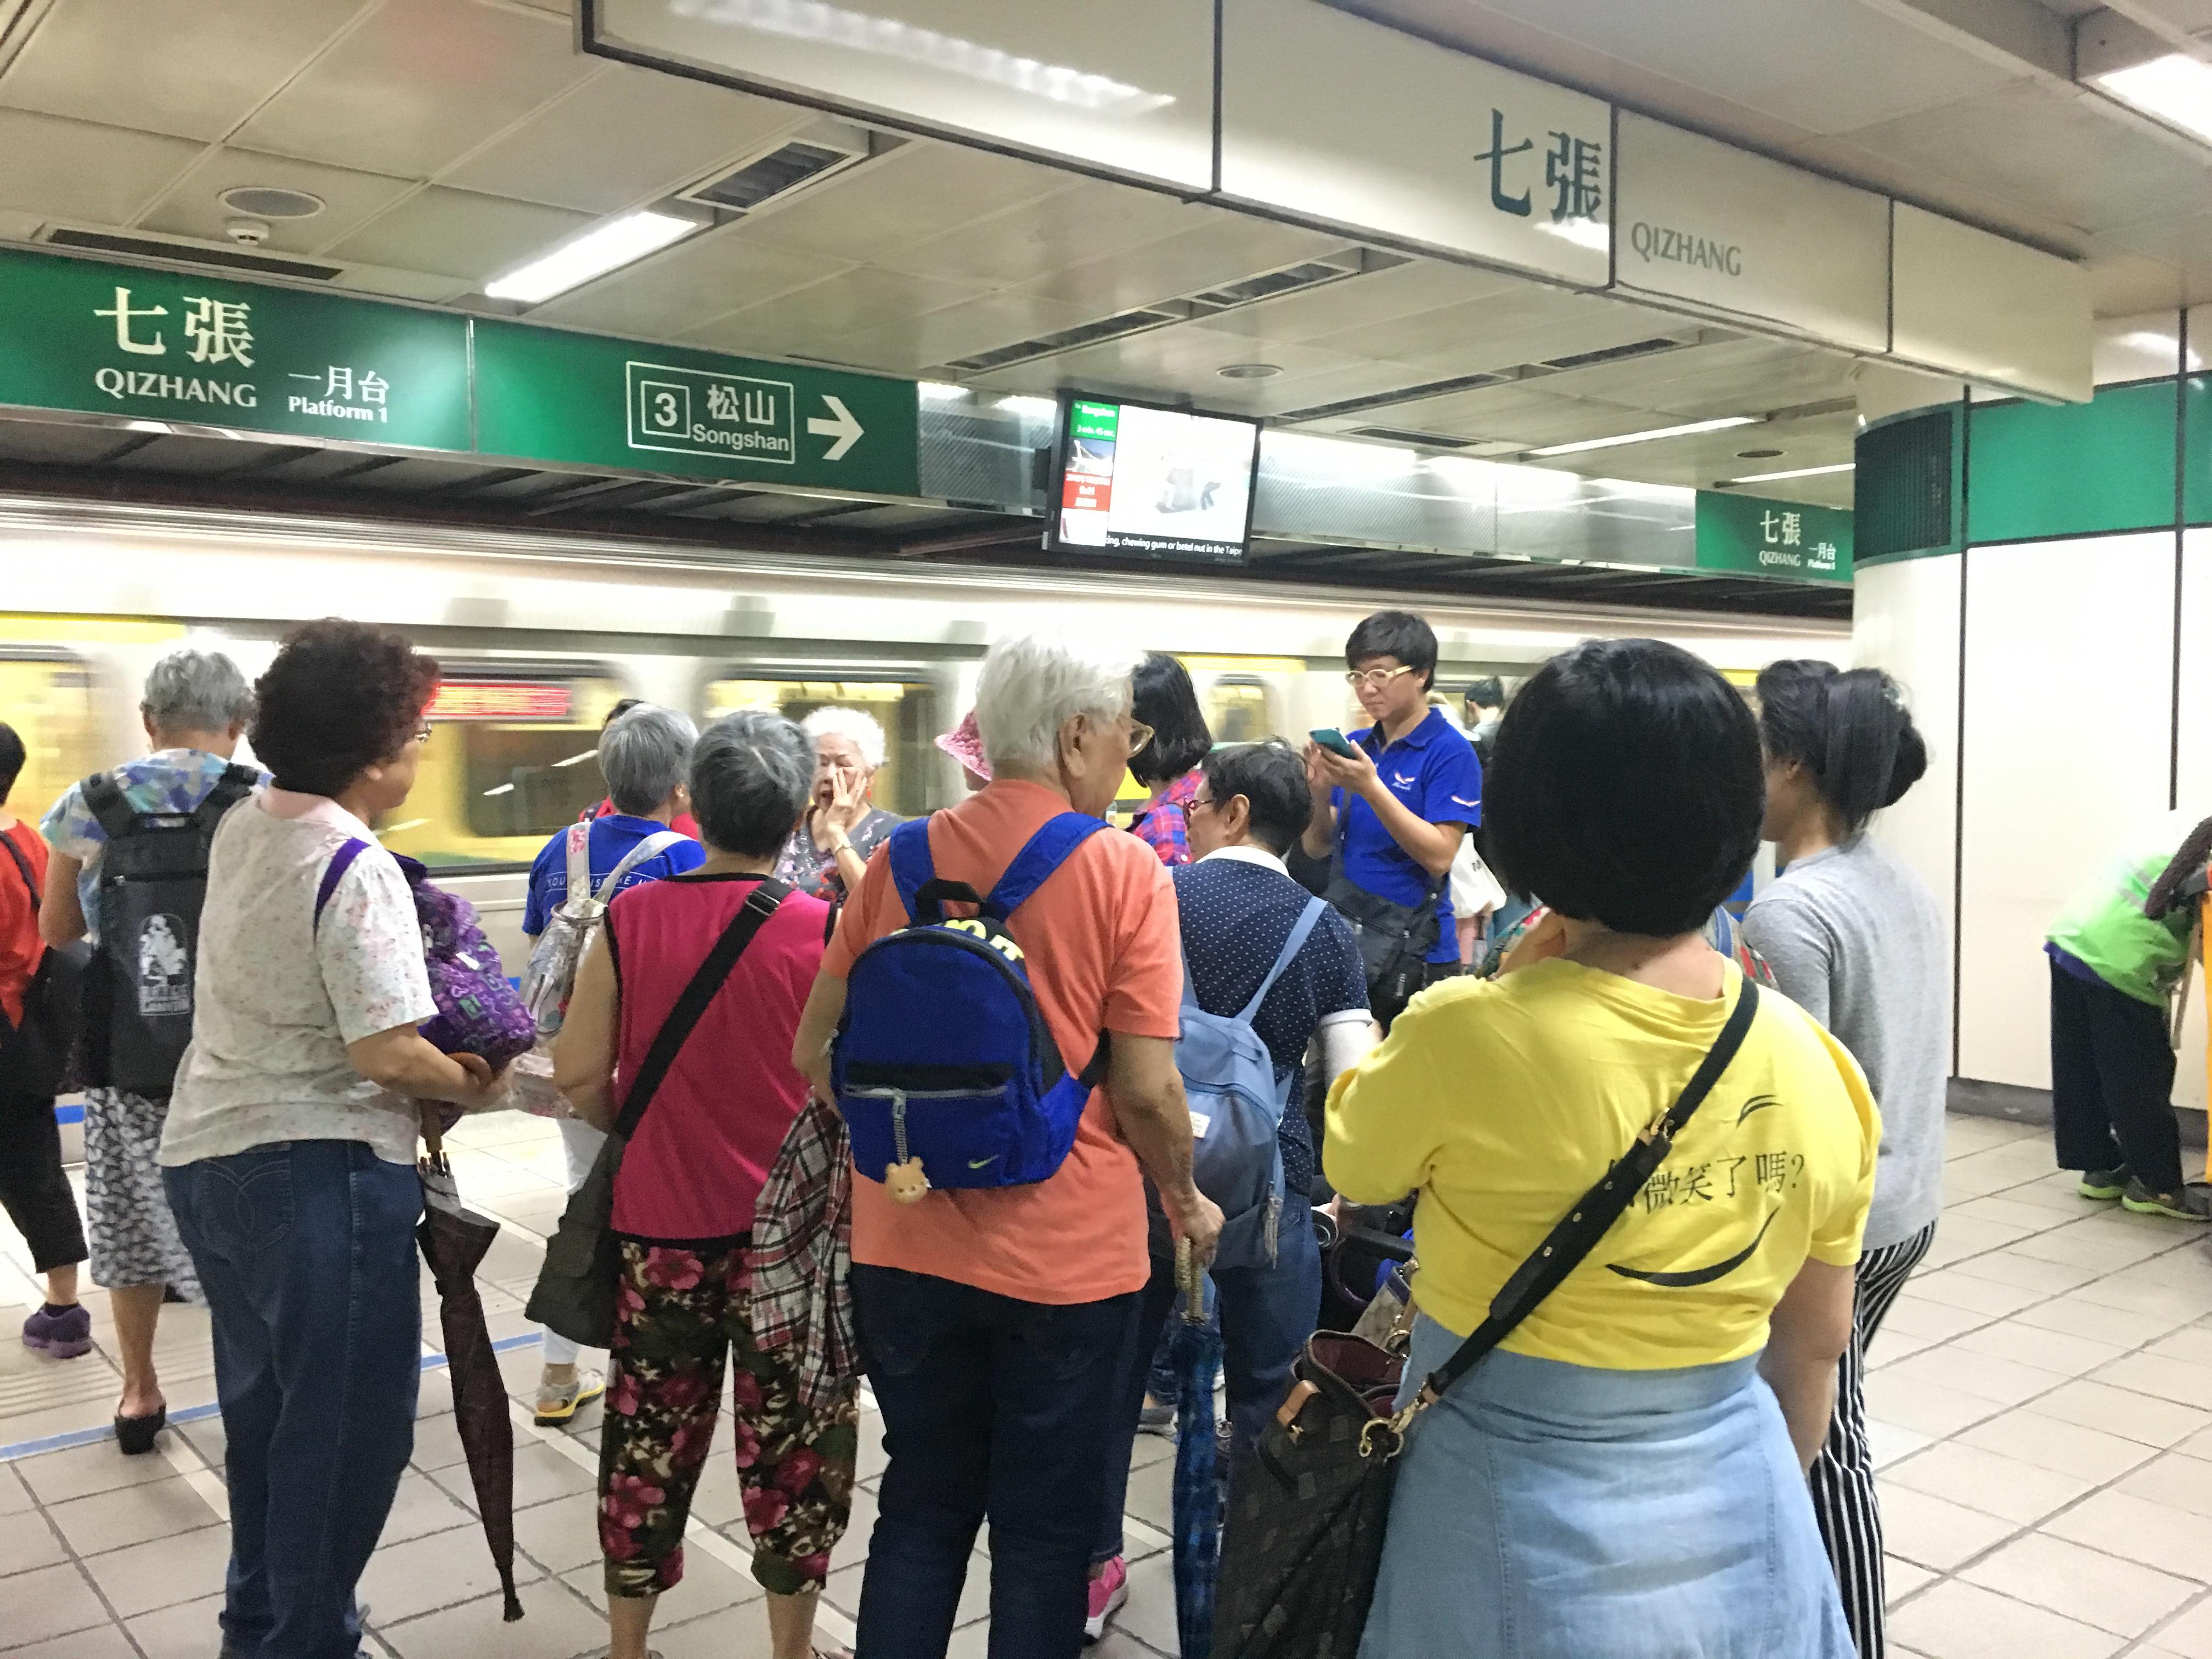 老人們在捷運站集合。攝影/沈鈺琪